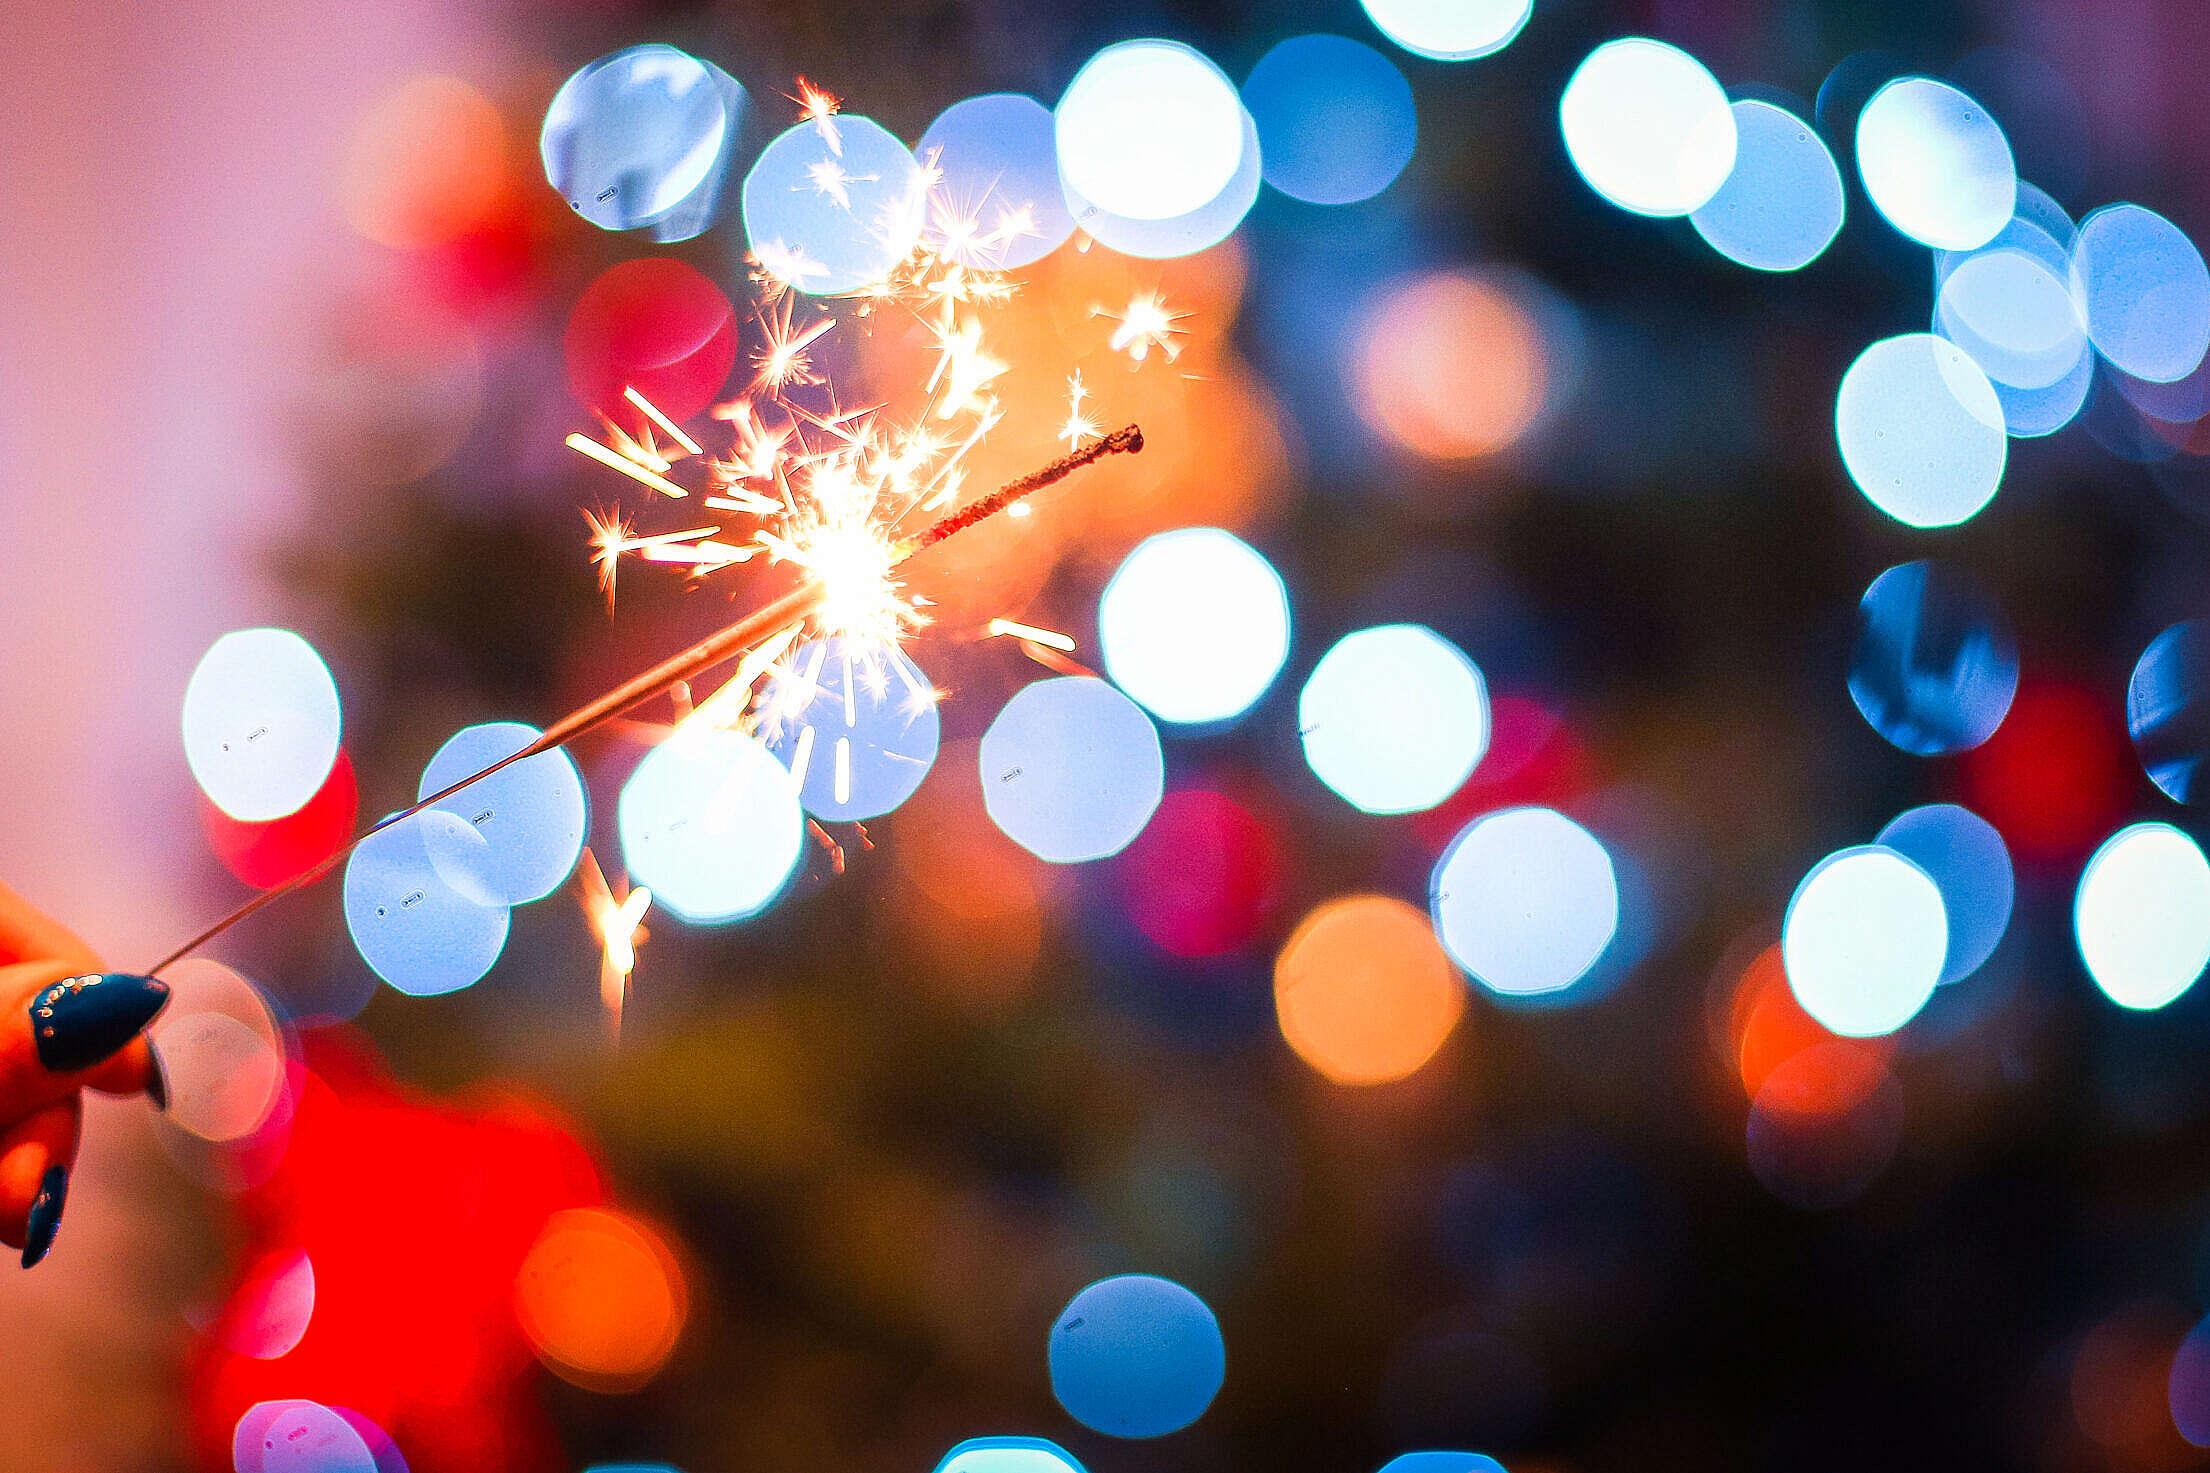 Christmas Sparklers Fun Free Stock Photo